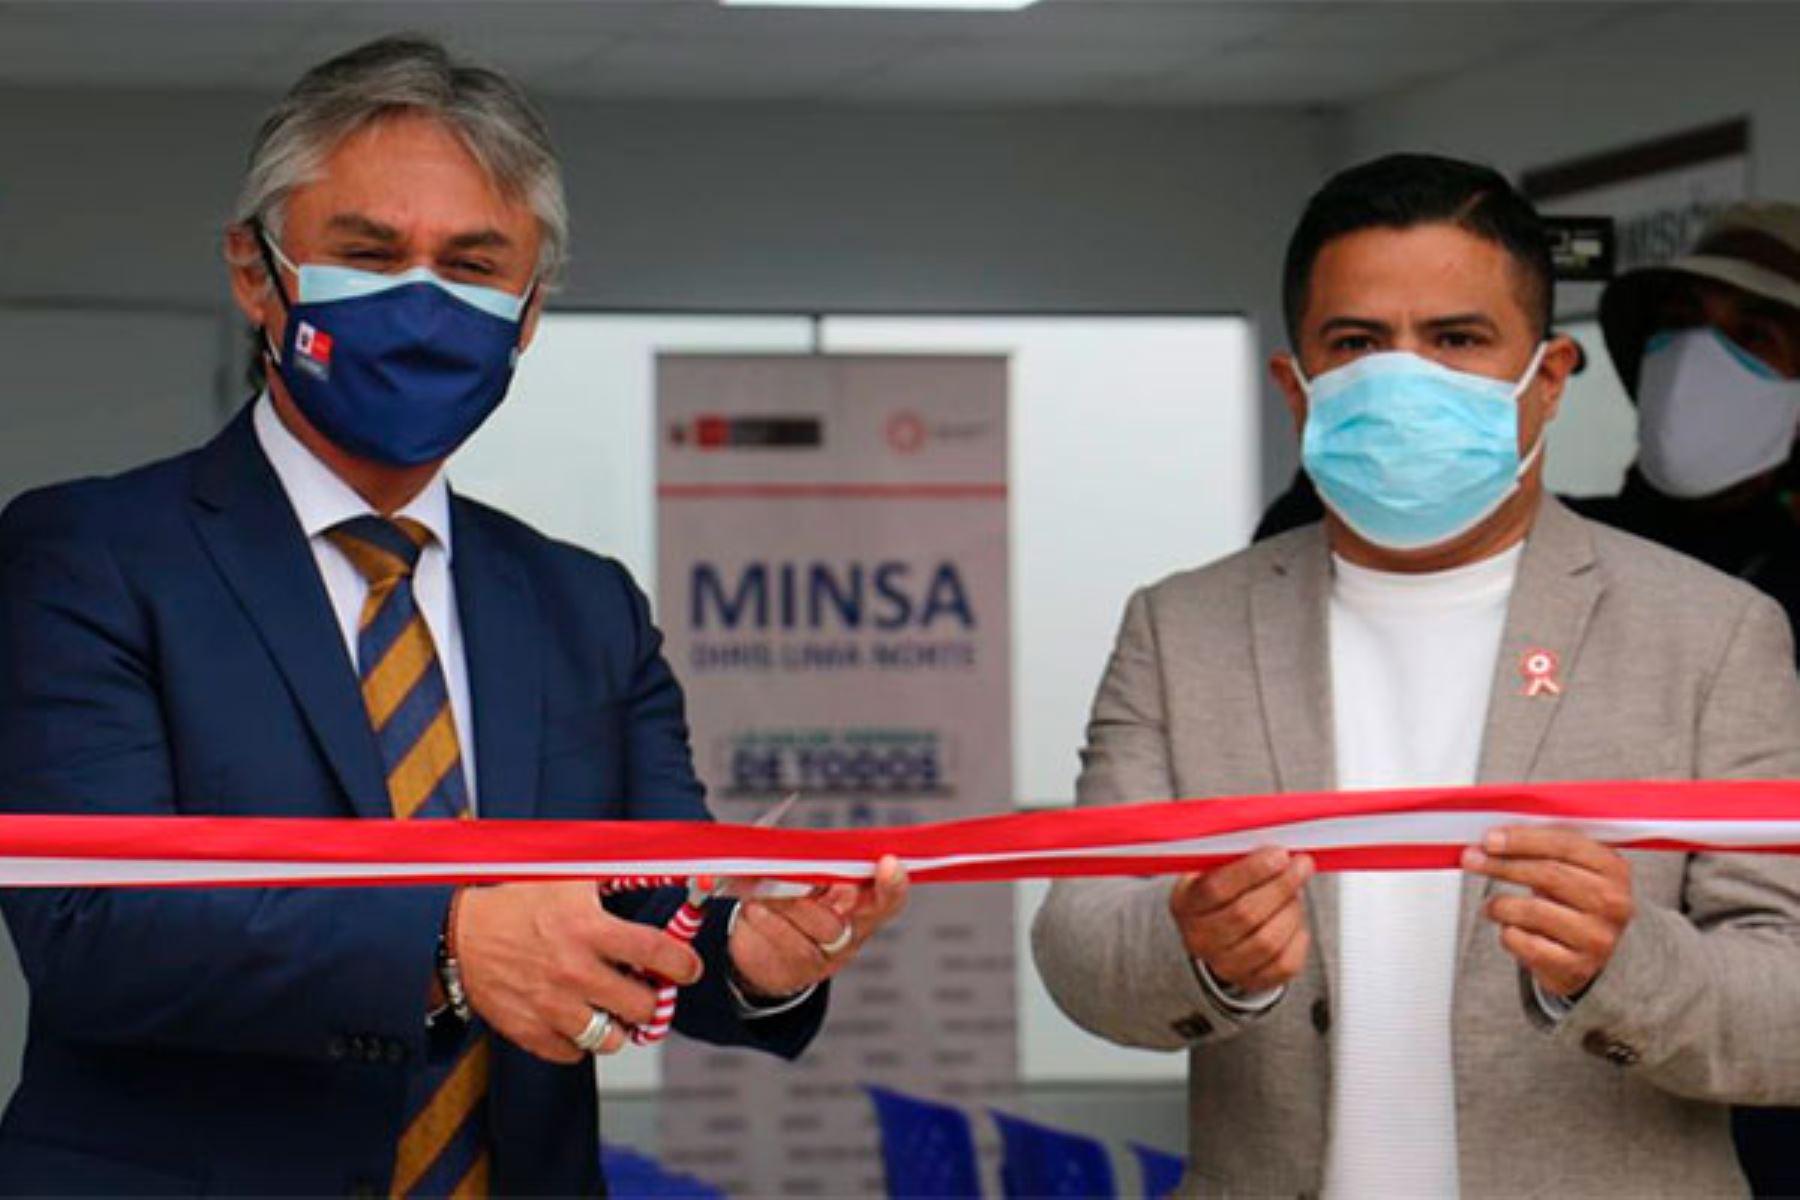 Con este nuevo establecimiento la zona de Lima Norte suma nueve locales que atenderán a las personas con trastornos mentales y/o problemas psicosociales. Foto: ANDINA/Minsa.